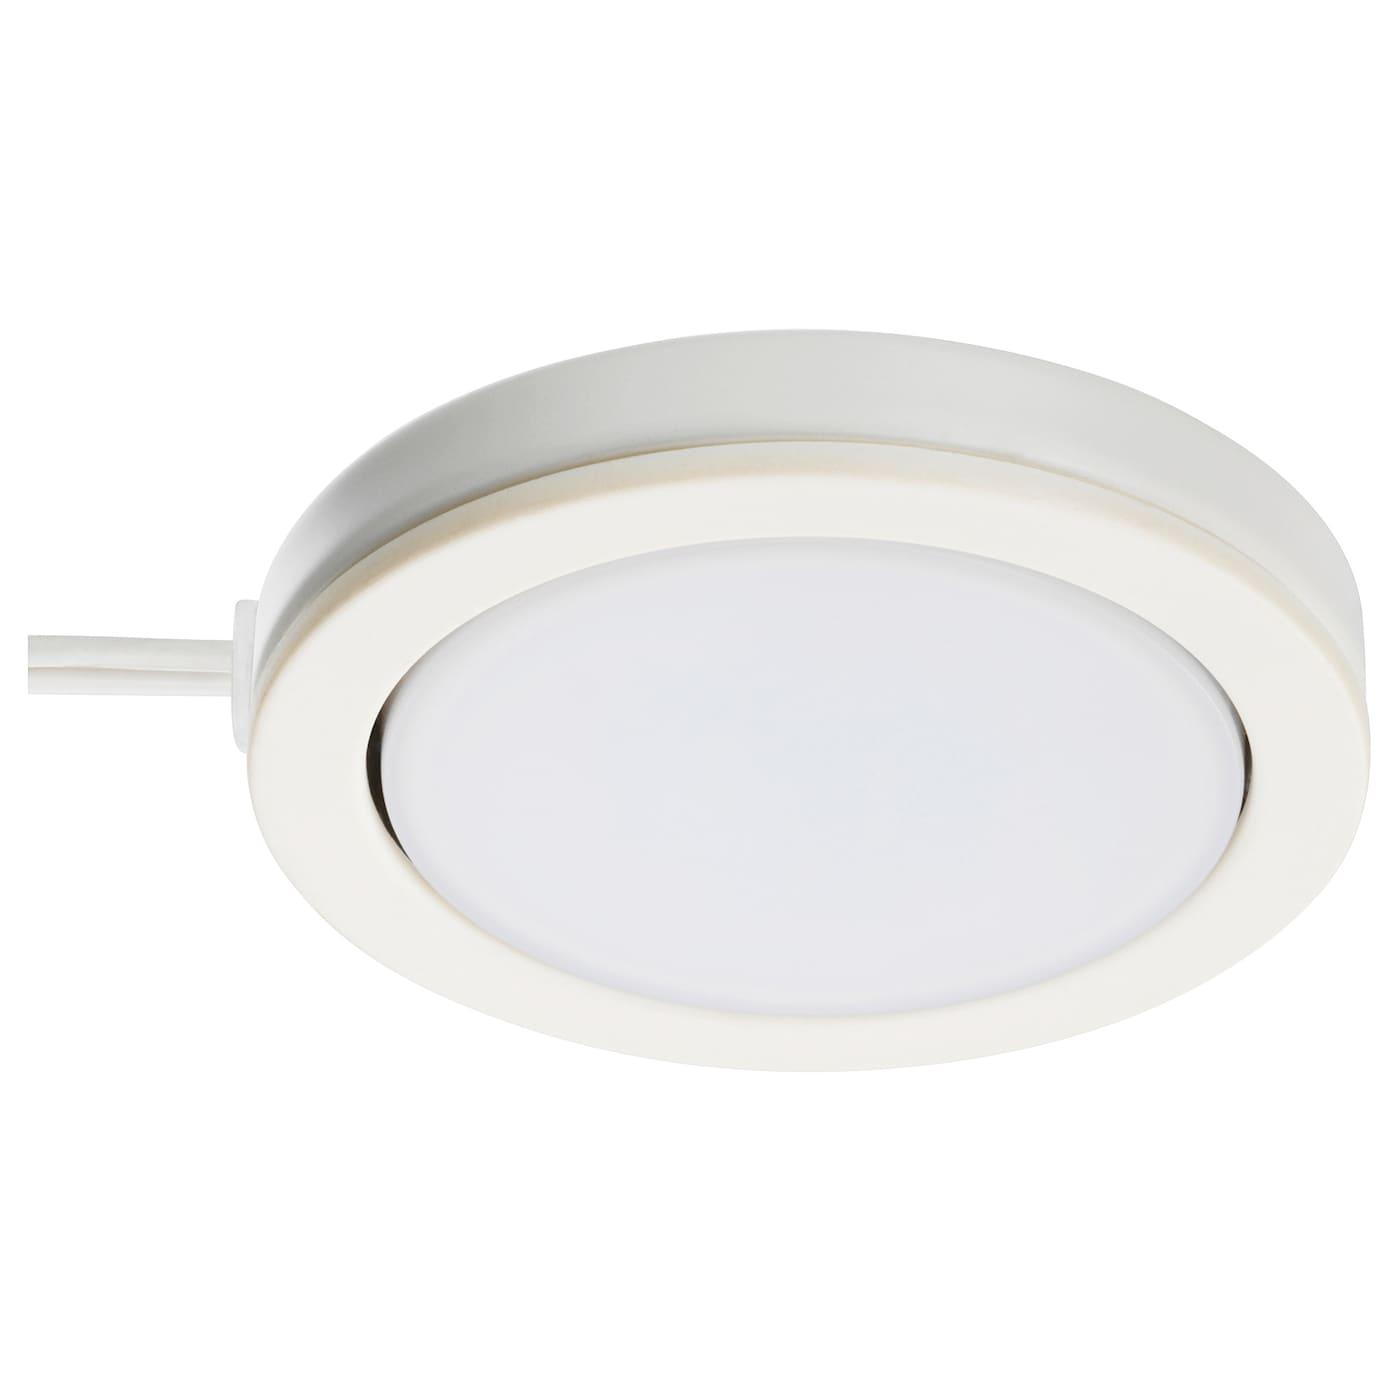 Omlopp Led Spotlight White 2 5 8 Ikea